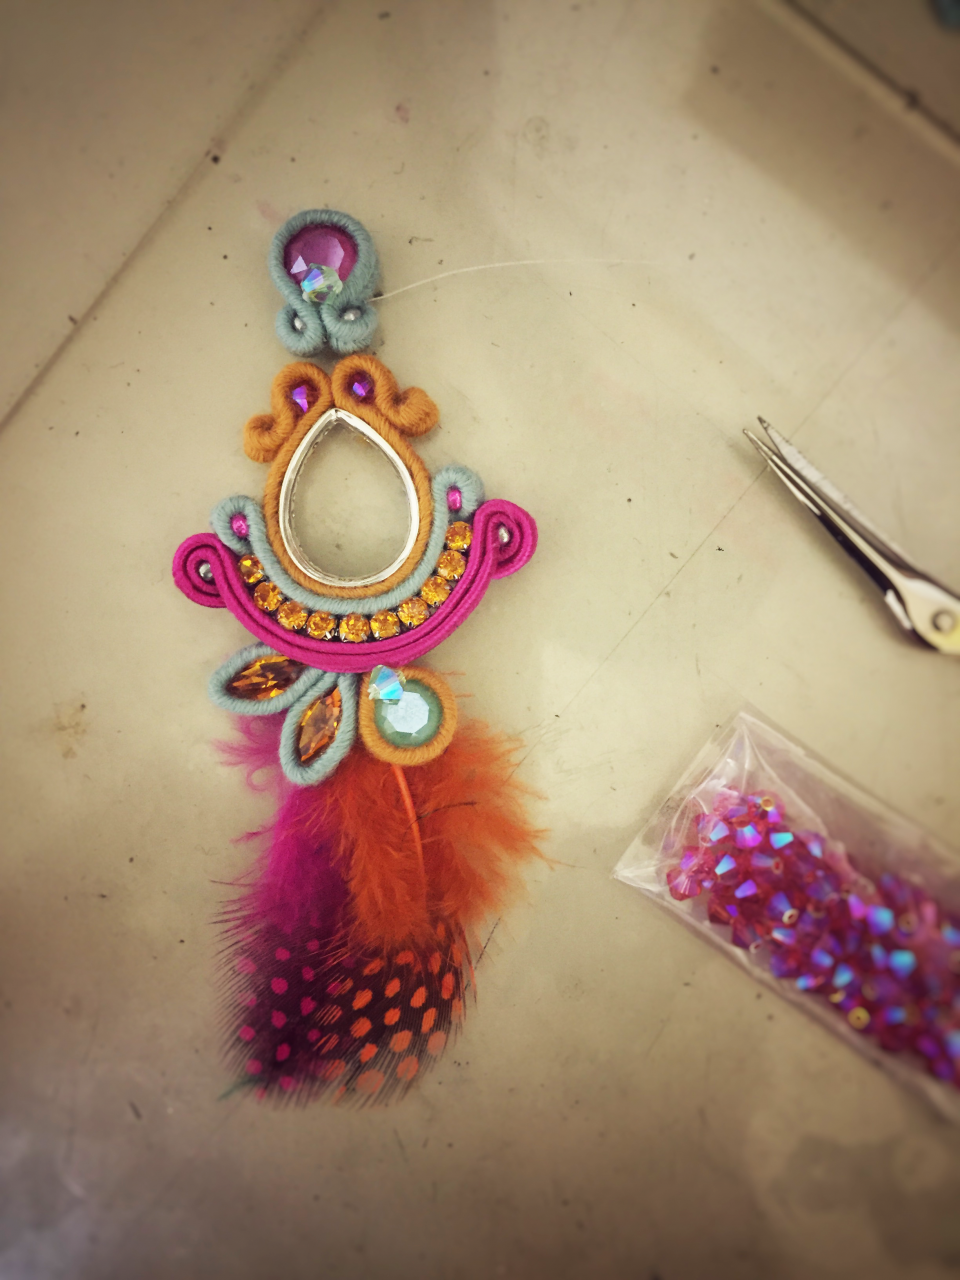 Boucles d 39 oreilles en soutache avec des plumes et des cristaux swa perles co - Tuto boucle d oreille perle ...